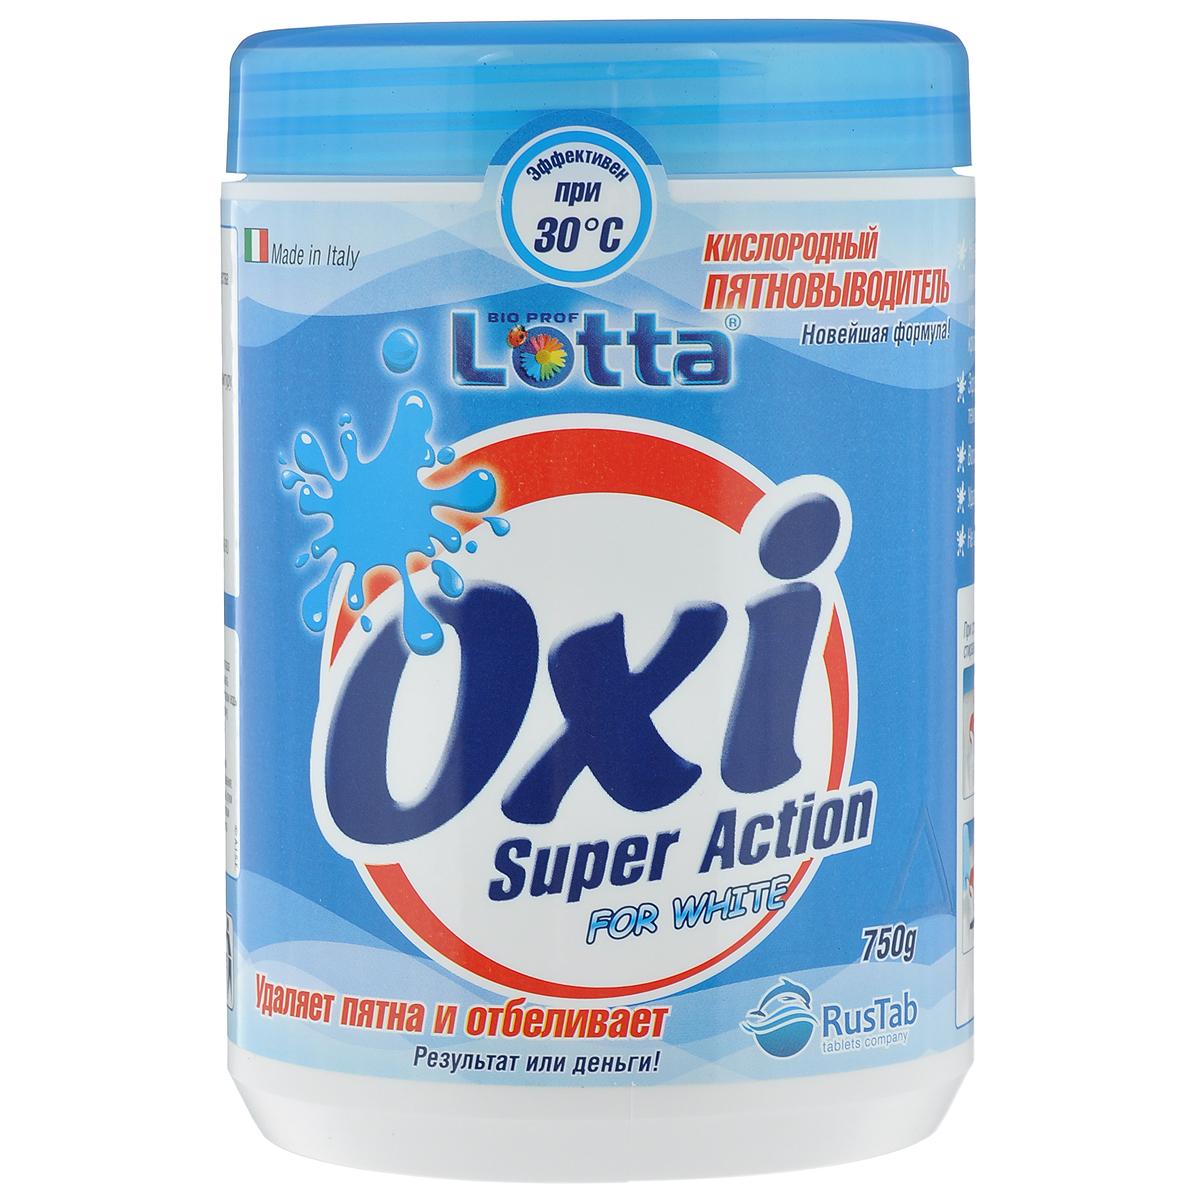 """Кислородный пятновыводитель Lotta """"Oxi"""" предназначен для белого белья. Он превосходно удаляет загрязнения даже в холодной воде, благодаря содержанию молекул активного кислорода. Новая формула Super Action удаляет пятна от кофе, чая, жира, вина, уличной грязи, травы, ягод, сока, крови и т.п. Пятновыводитель можно использовать как для ручной стирки, так и для стирки в автоматизированных стиральных машинах. Обладает антибактериальным и дезодорирующим эффектом. Восстанавливает белый цвет ткани. Эффективен даже при низкой температуре. Не содержит хлора. В комплект входит пластиковая мерная ложечка. Не использовать для шерсти, шелка, кожи и тонких тканей.  Вес: 750 г.  Состав: 40% кислородосодержащий пятновыводитель, неионогенные и анионные ПАВ около 5%, ферменты, энзимы, цеолиты, ароматизатор.  Товар сертифицирован."""